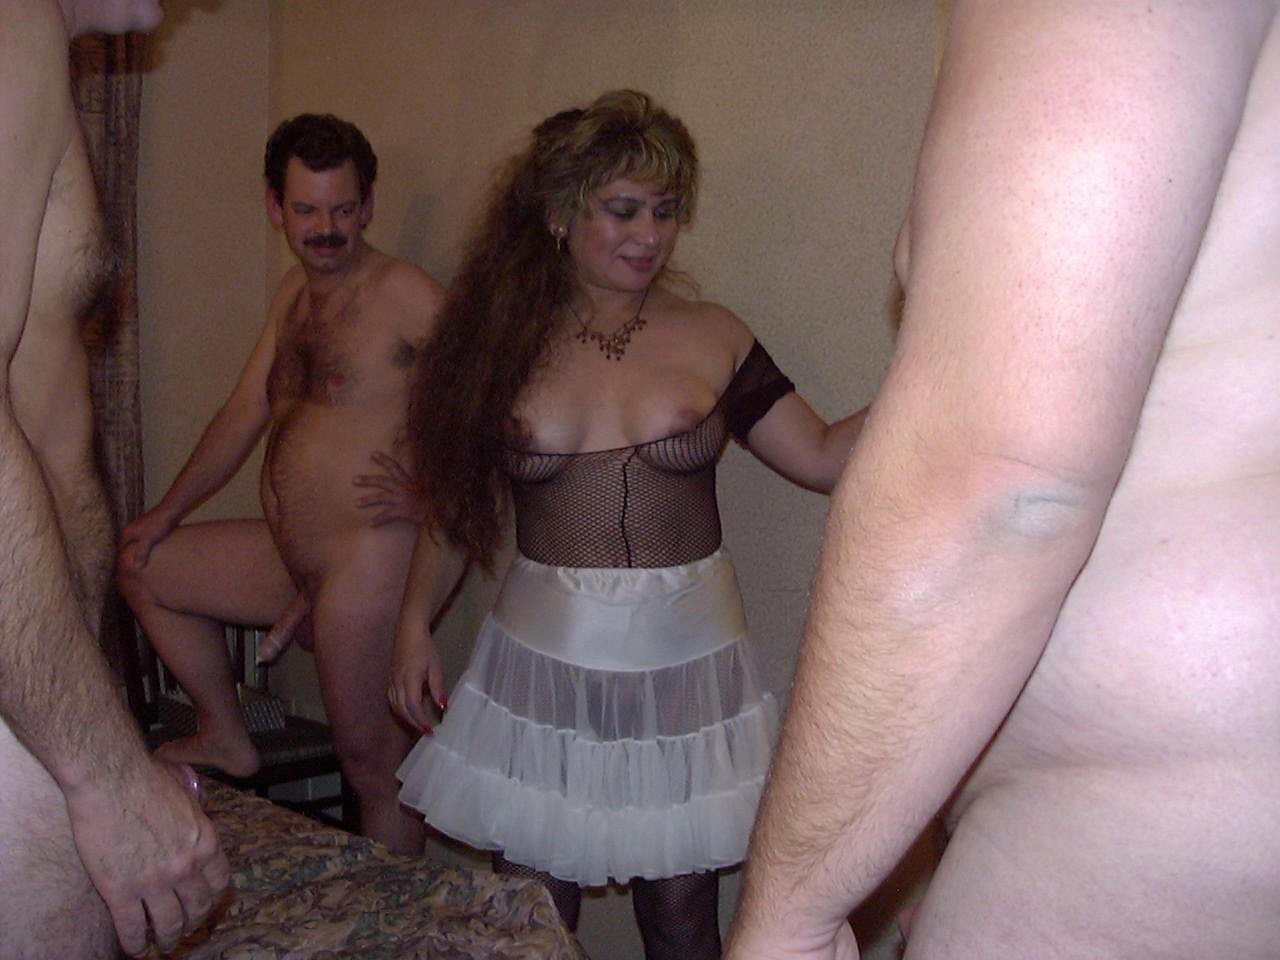 Групповое порно фото замужних женщин, секс картинки и порно видео